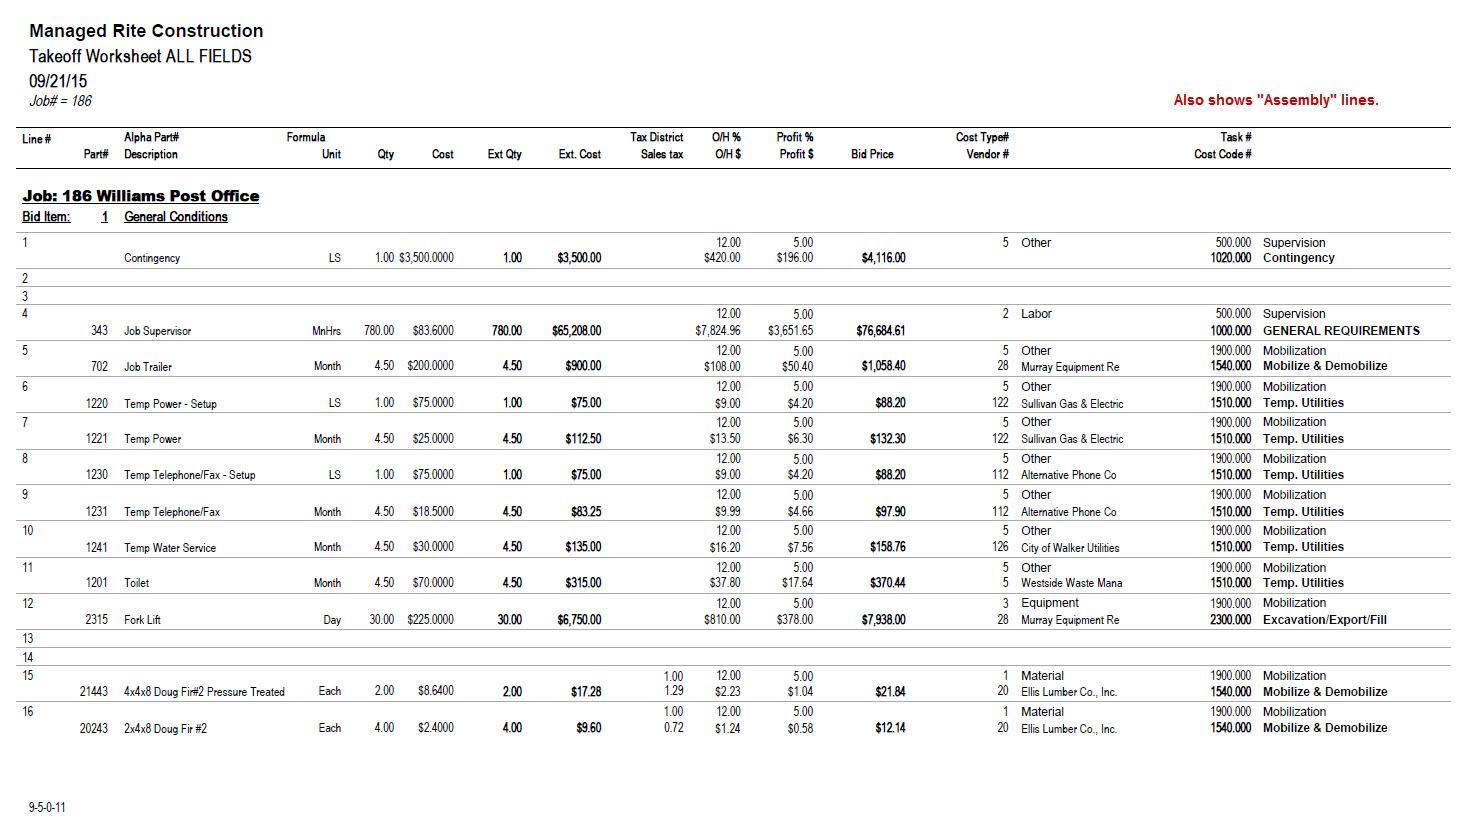 09-05-00-11 Takeoff Worksheet ALL FIELDS